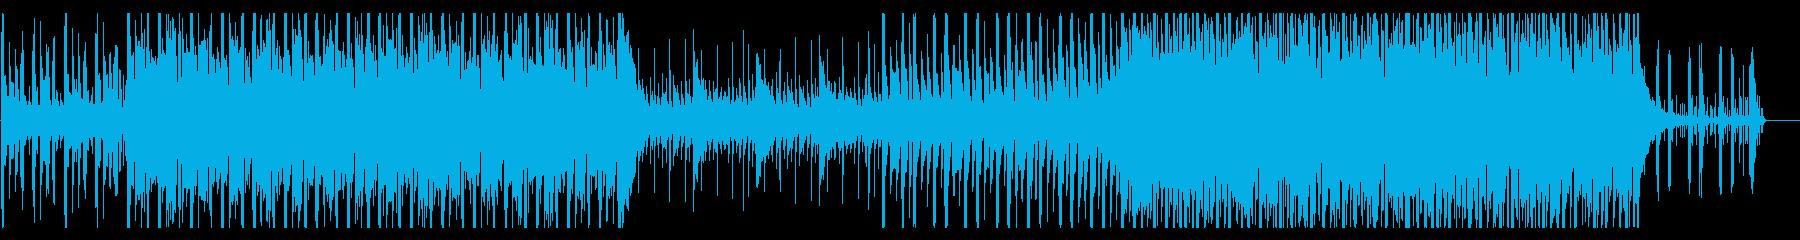 爽やか、ほのぼのな日常曲の再生済みの波形